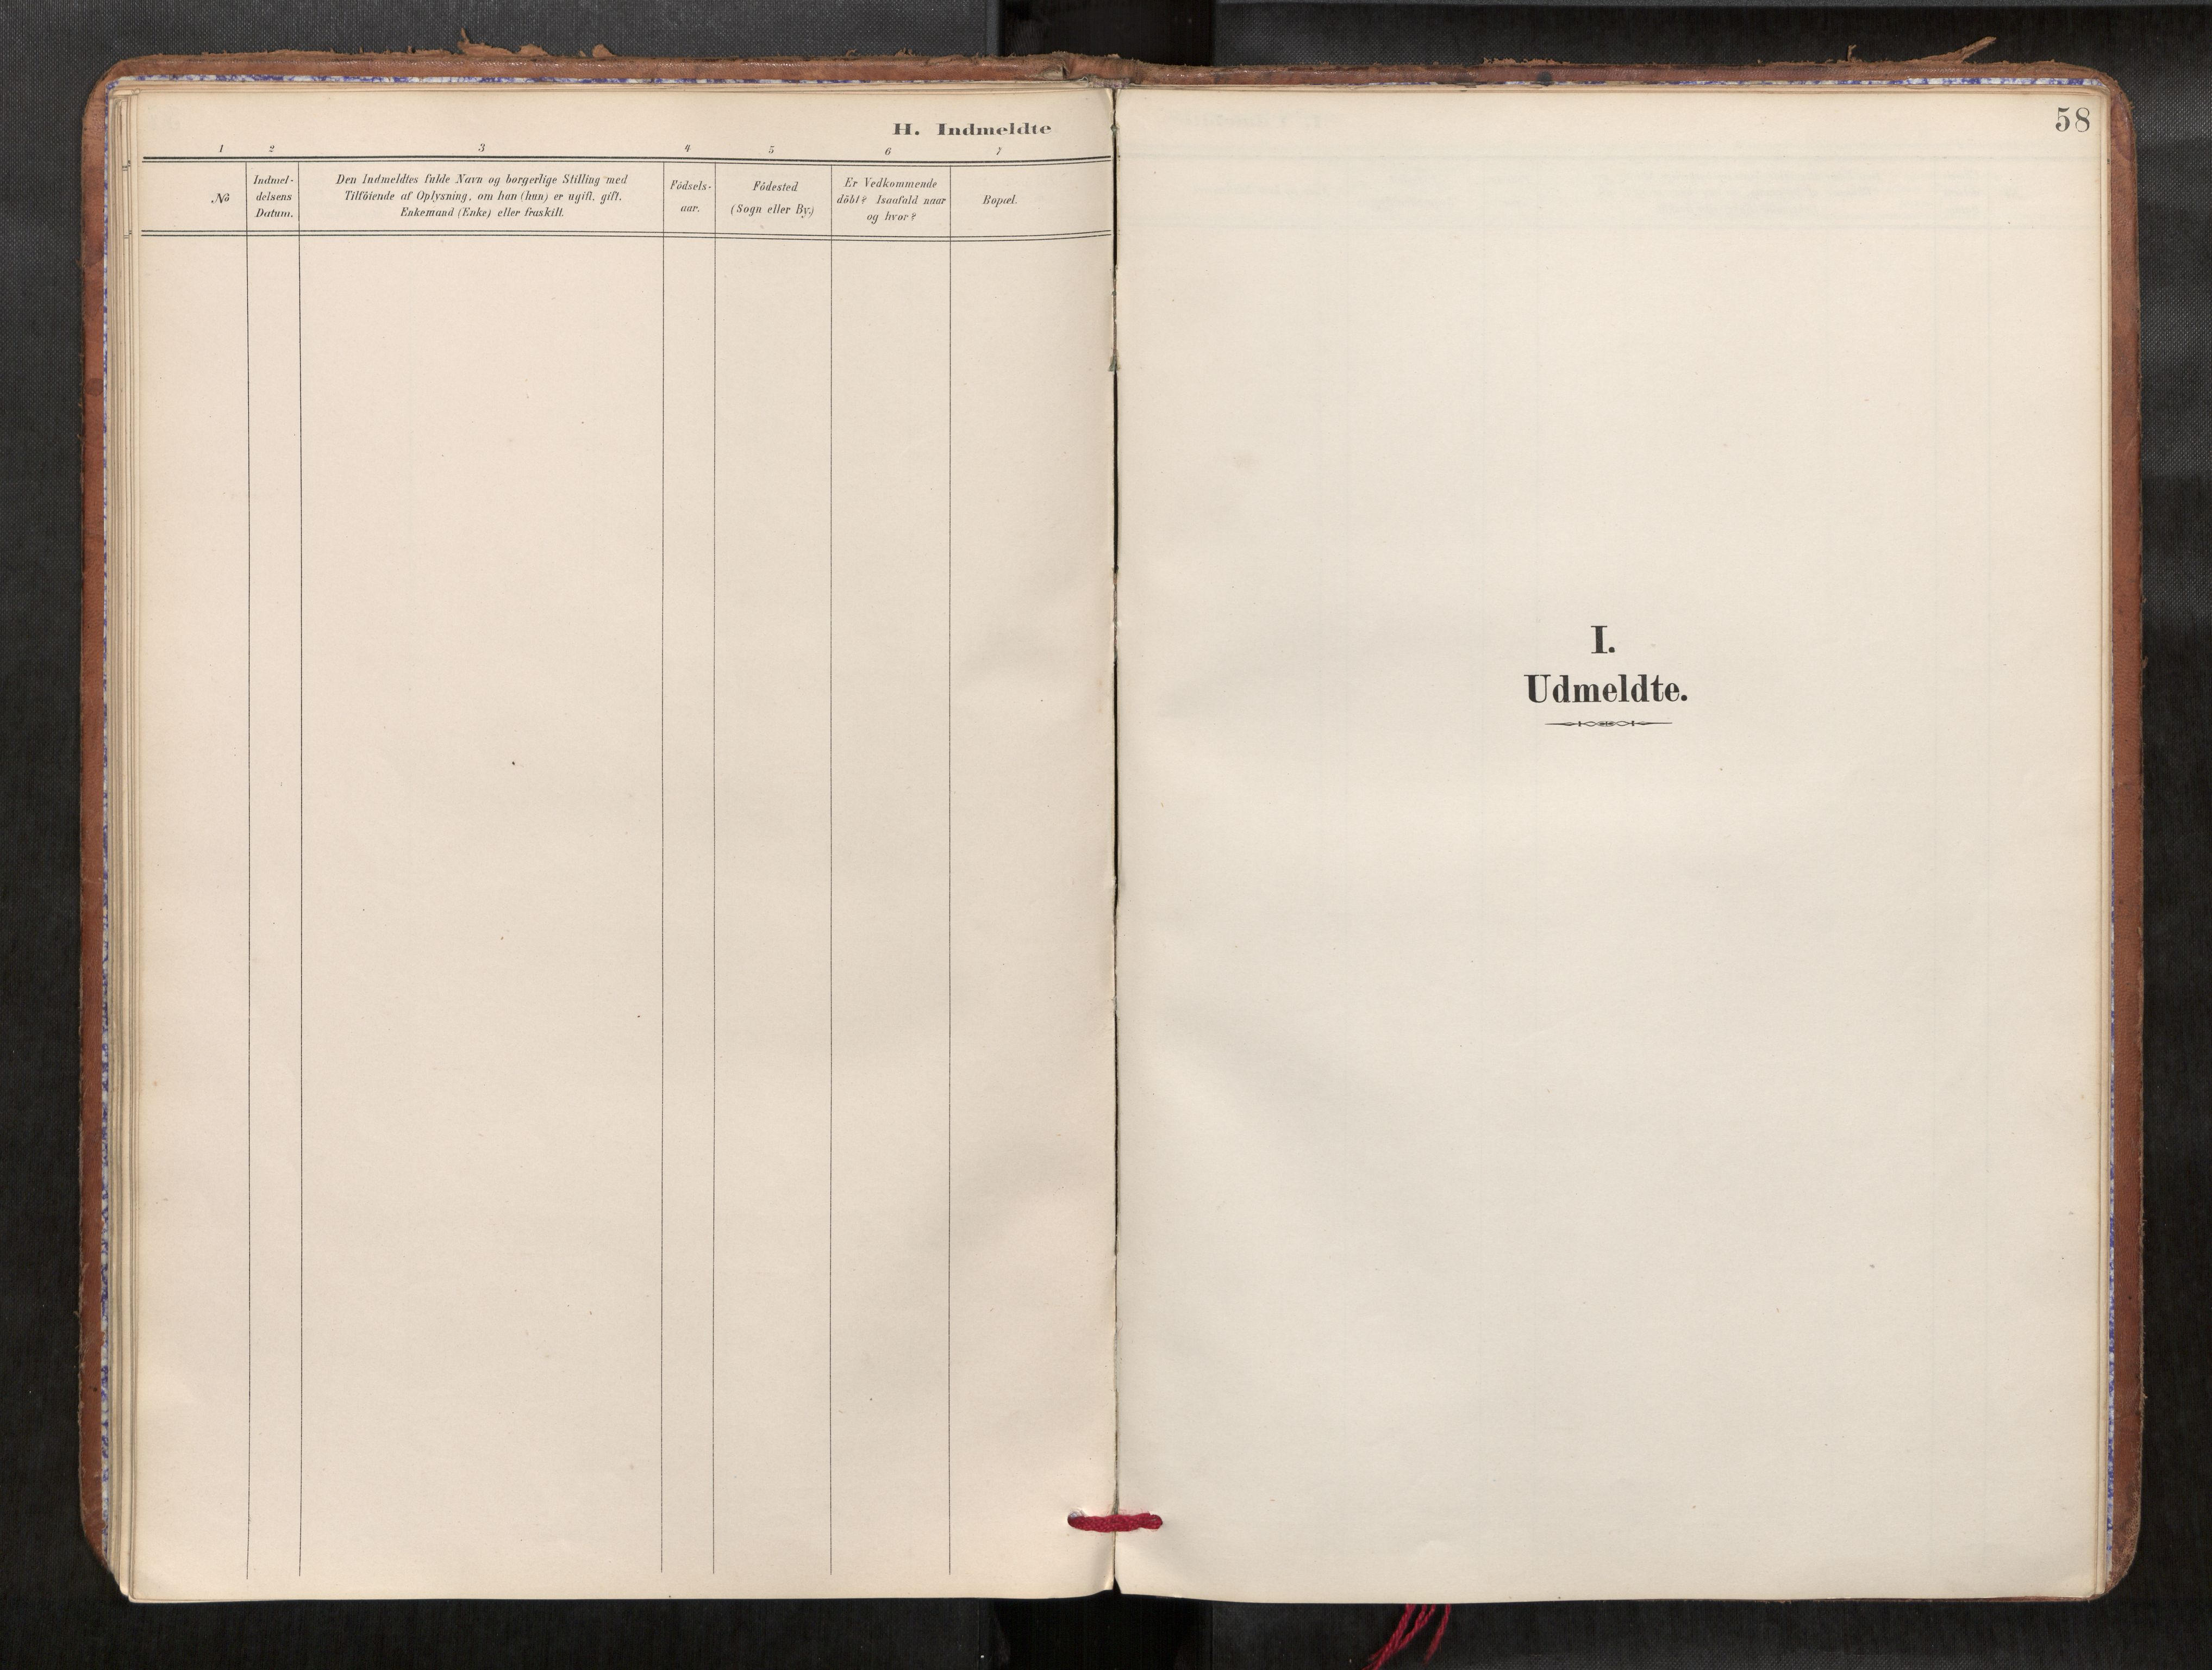 SAT, Verdal sokneprestkontor*, Parish register (official) no. 1, 1891-1907, p. 58